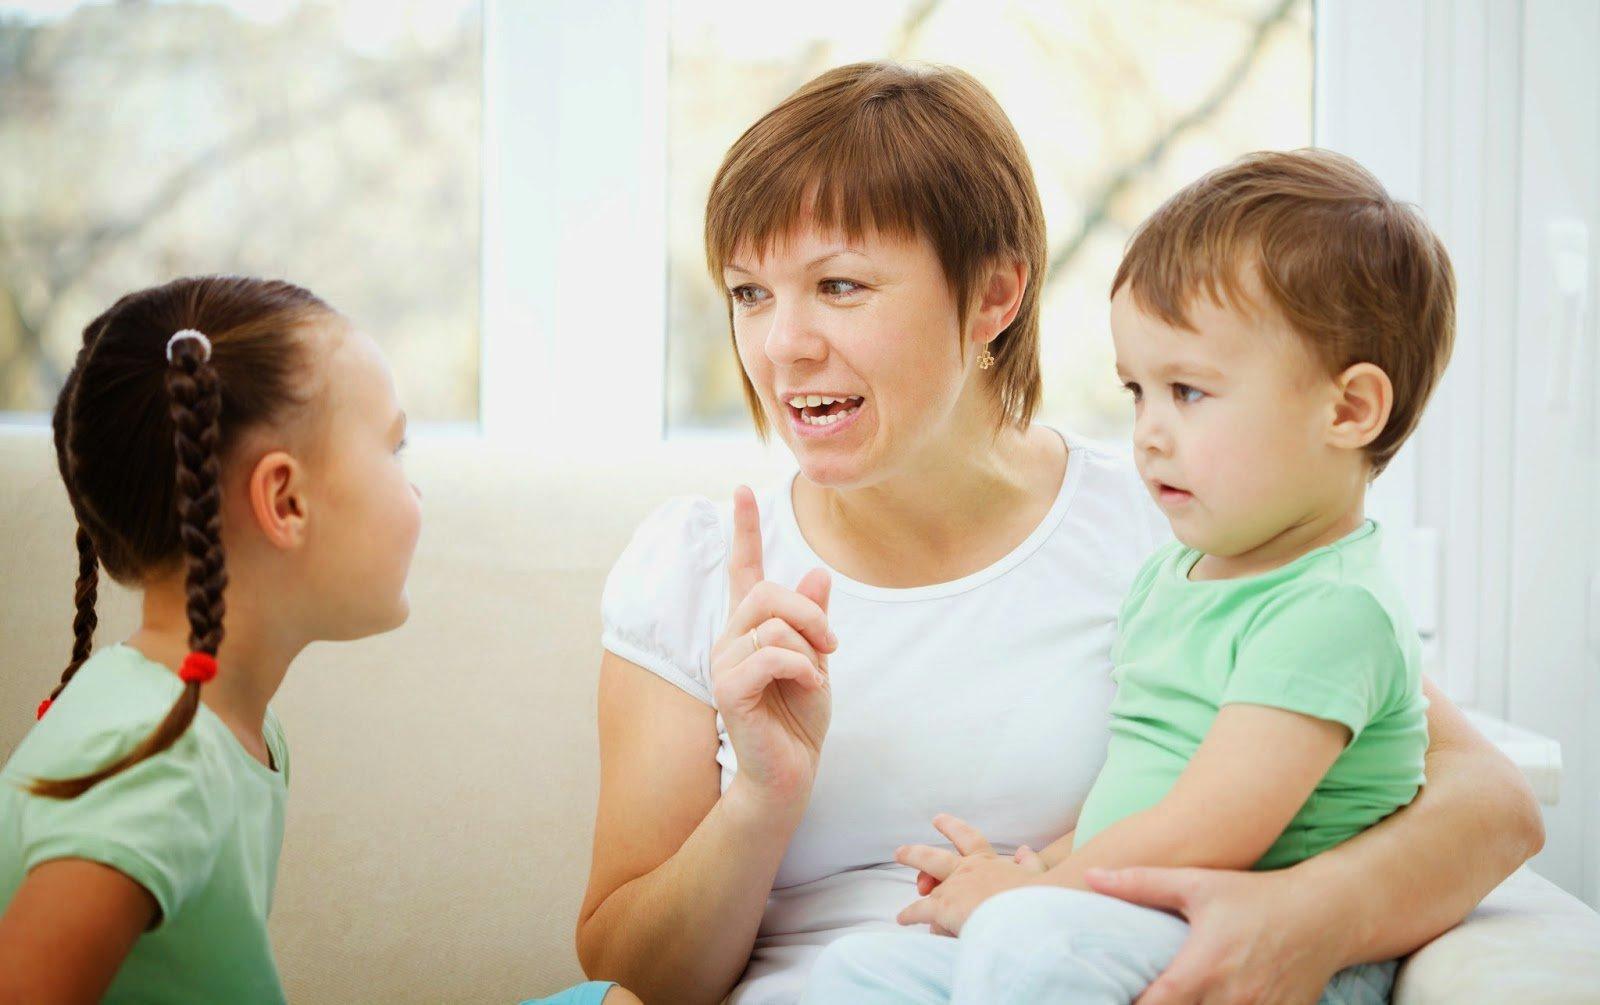 Γονικές πρακτικές βάσει της ιδιοσυγκρασίας του παιδιού